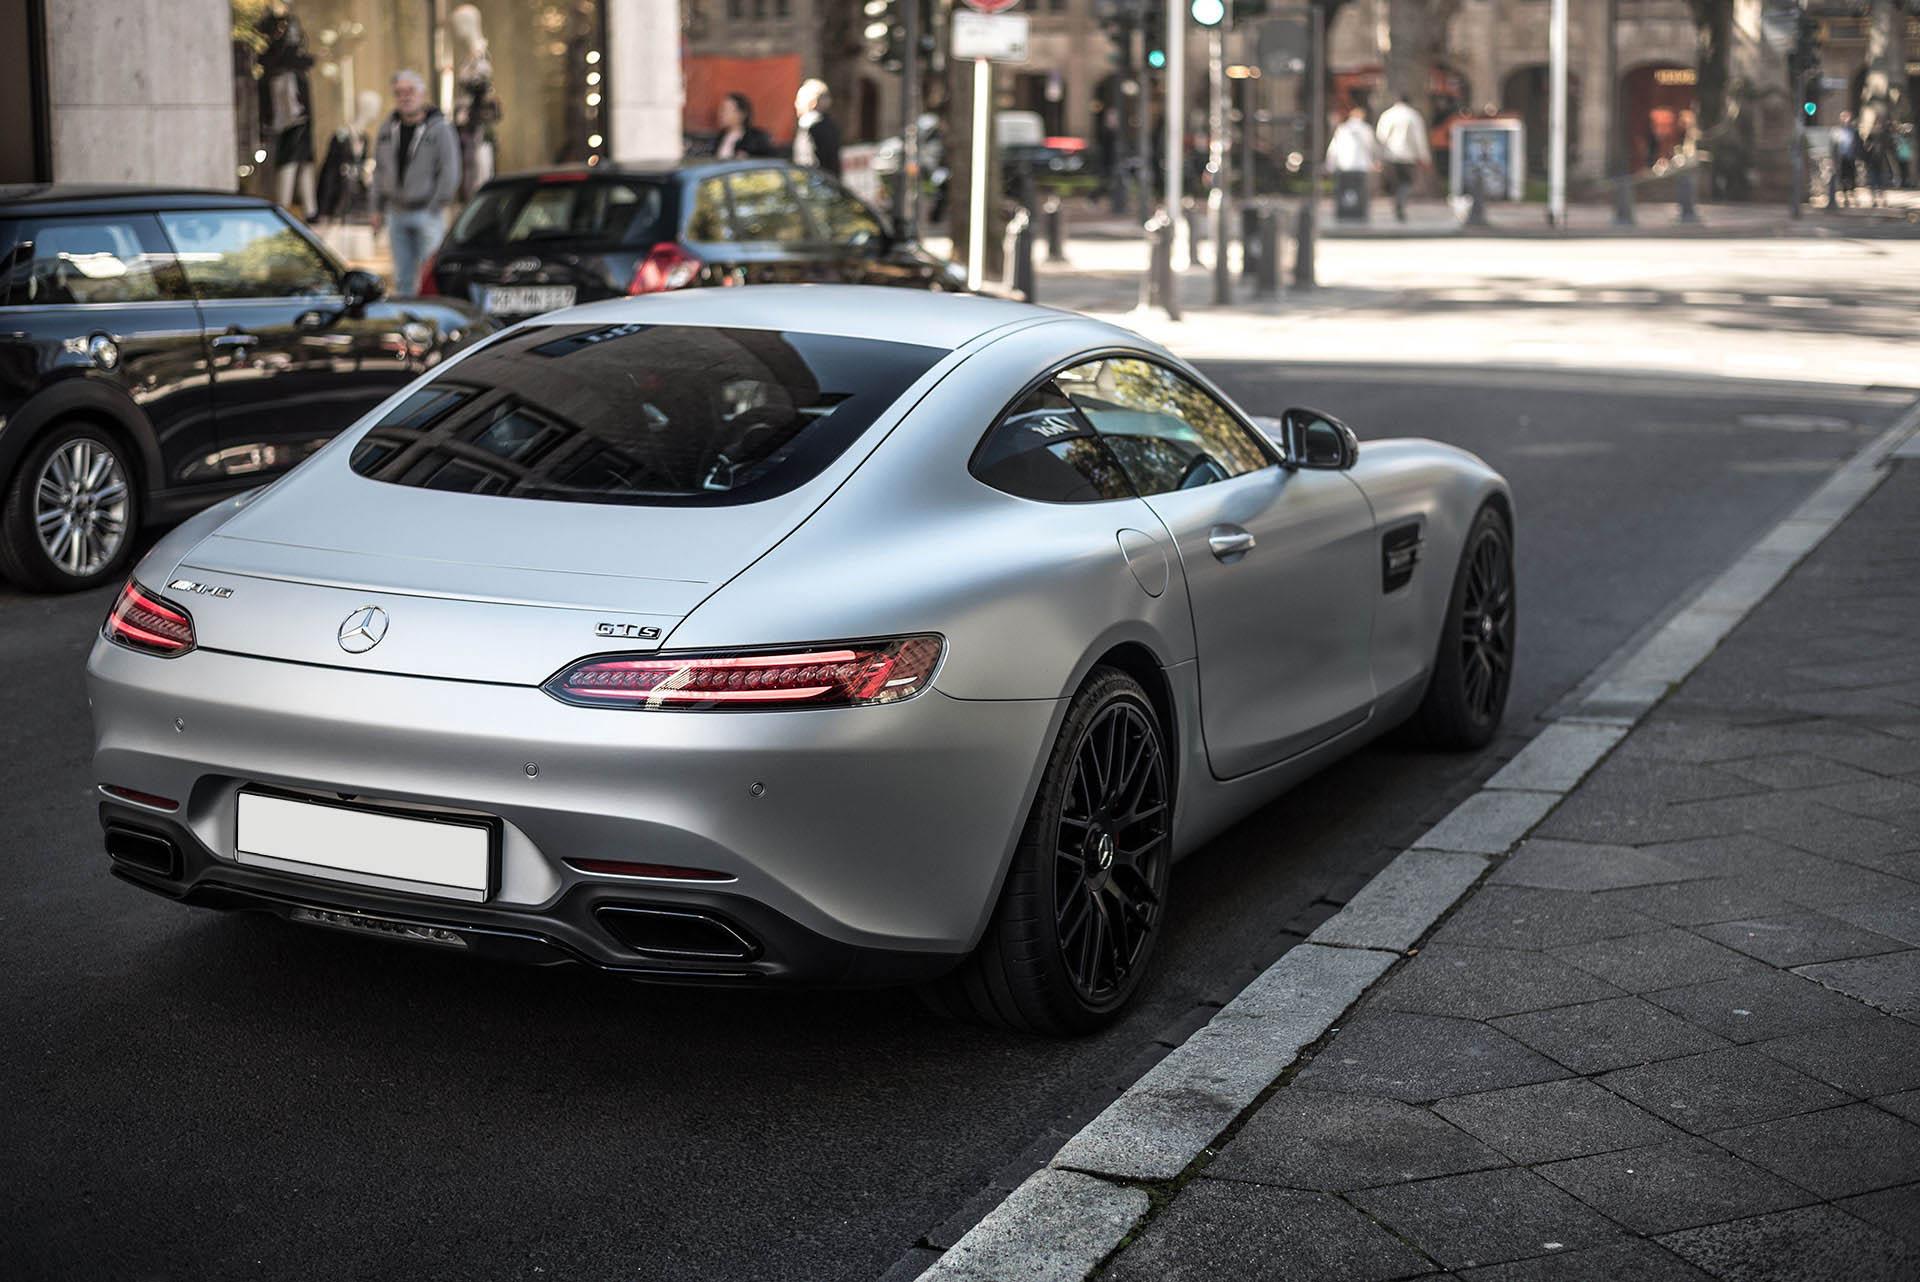 B+K_Sportwagen_Rheinland_GmbH_Mercedes_Benz_AMG_GTS_Silber_5